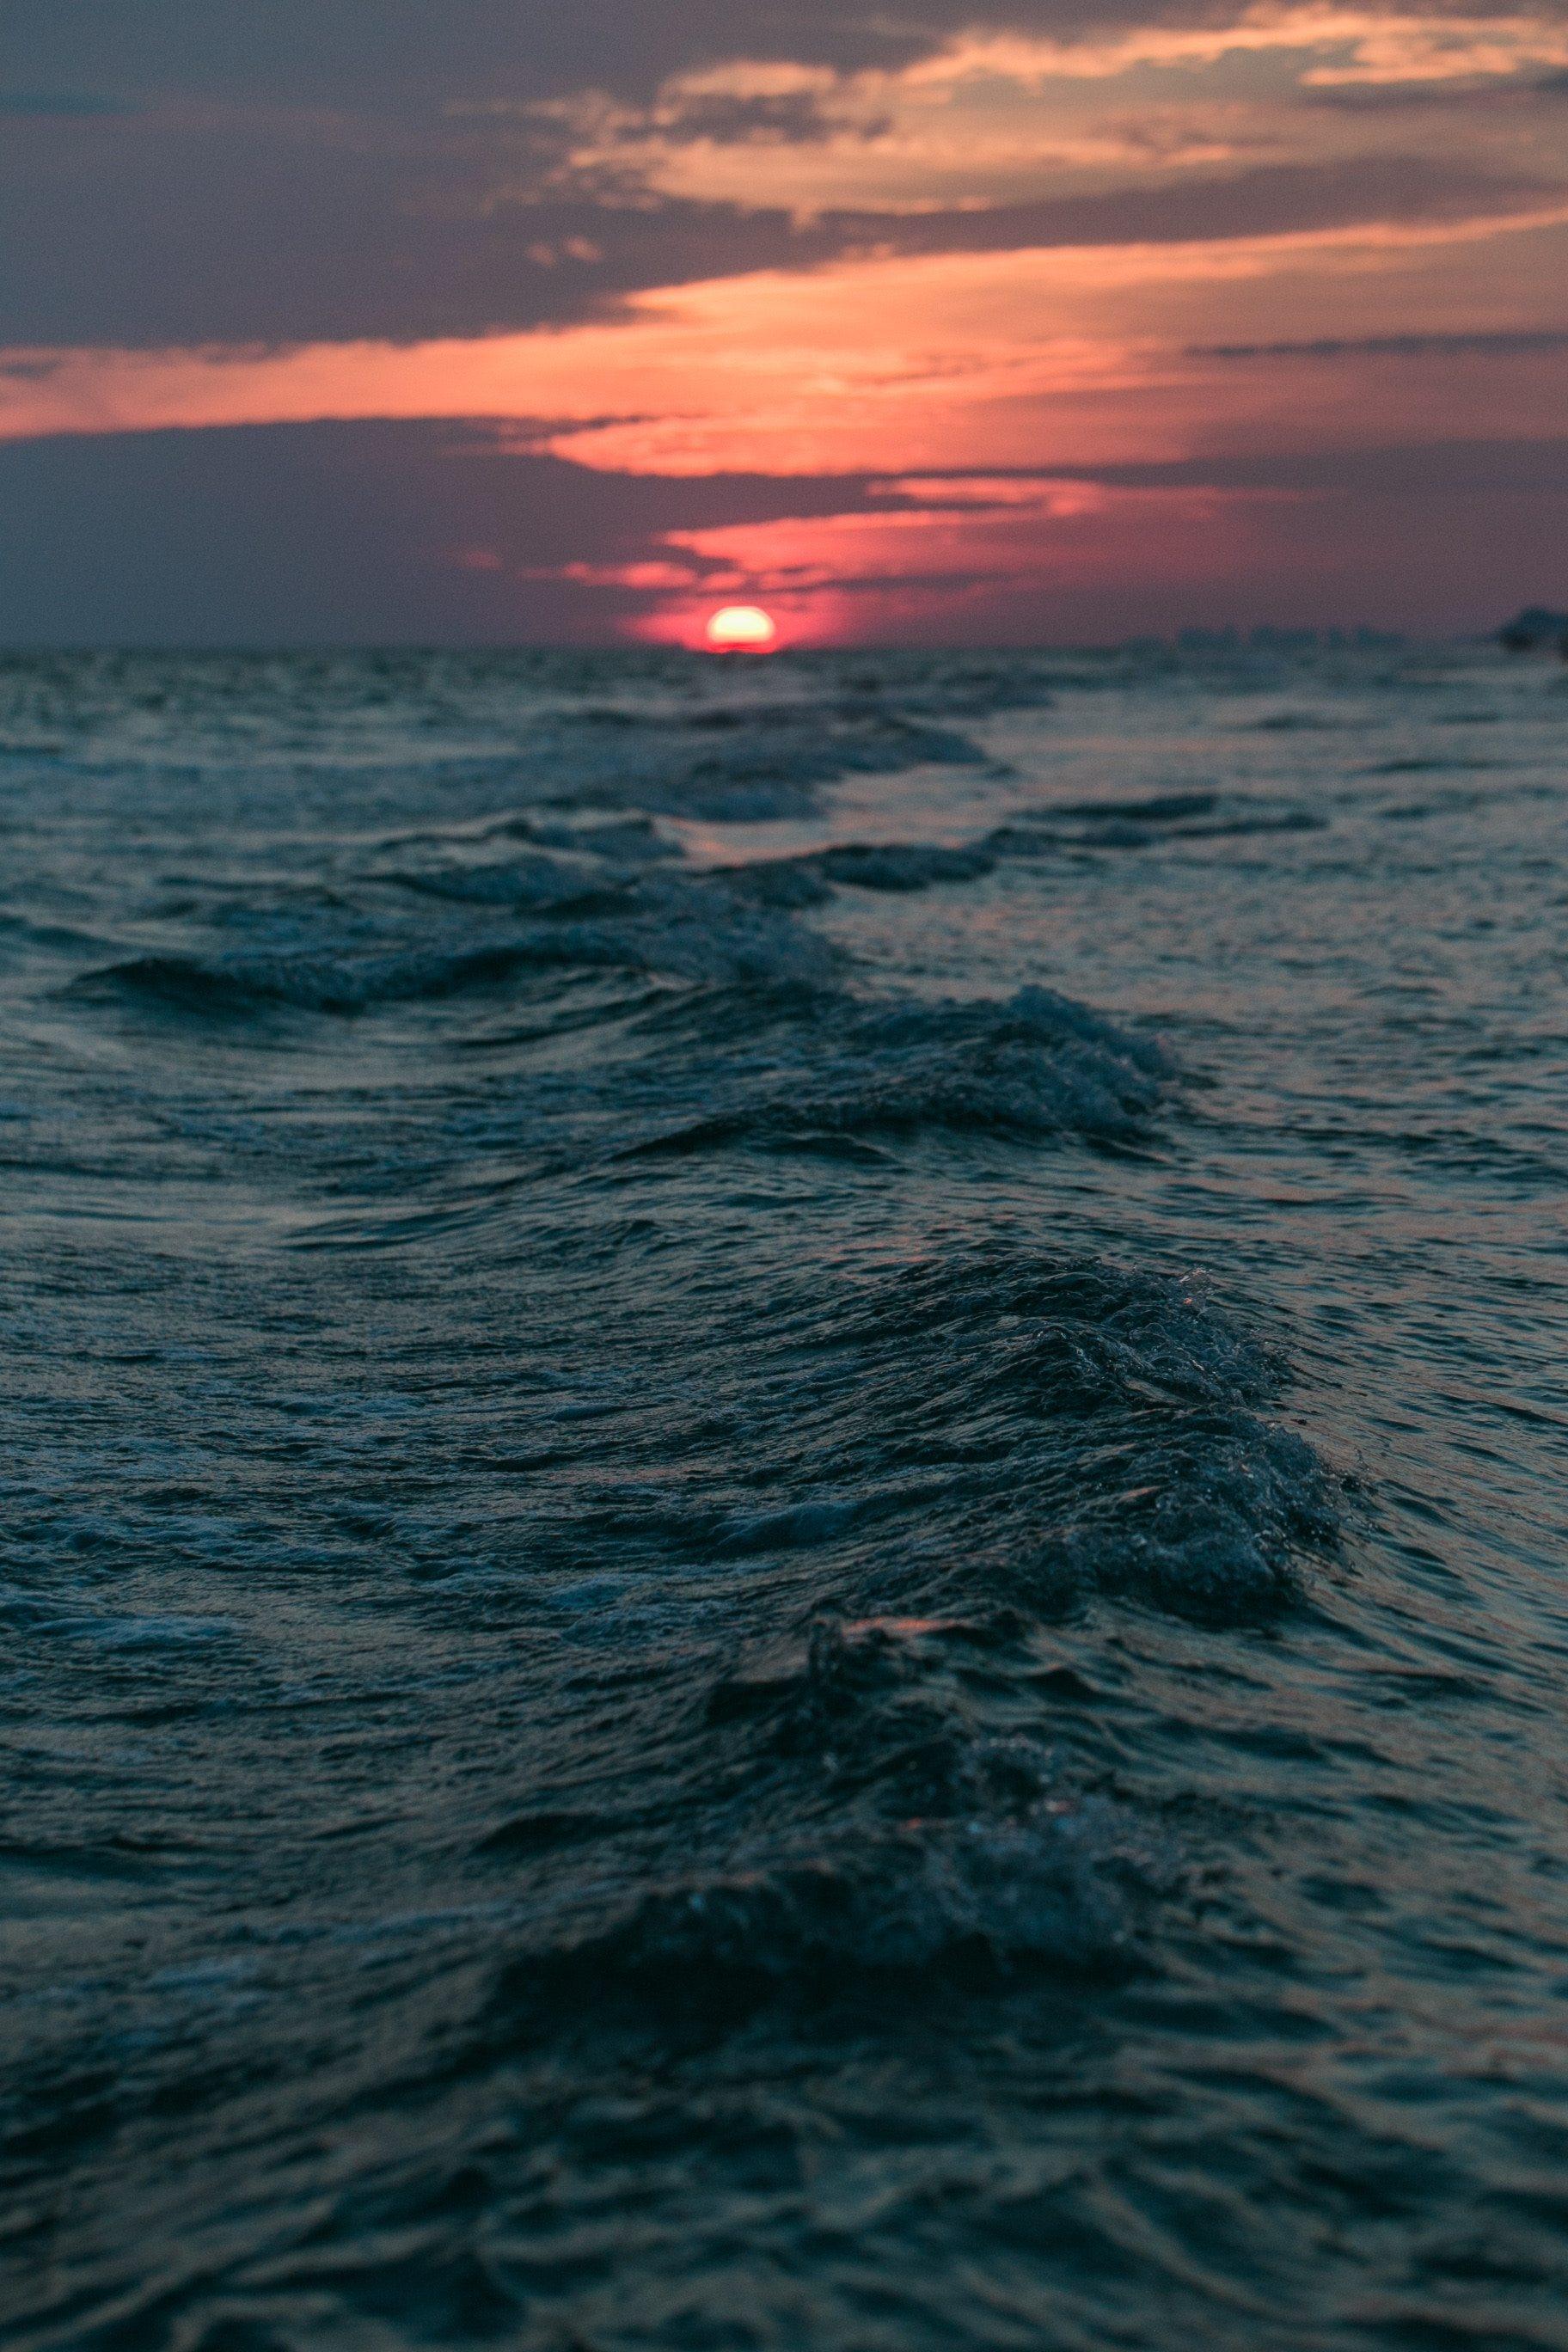 Sunset, Ocean, Beach iPhone Wallpaper - iDrop News